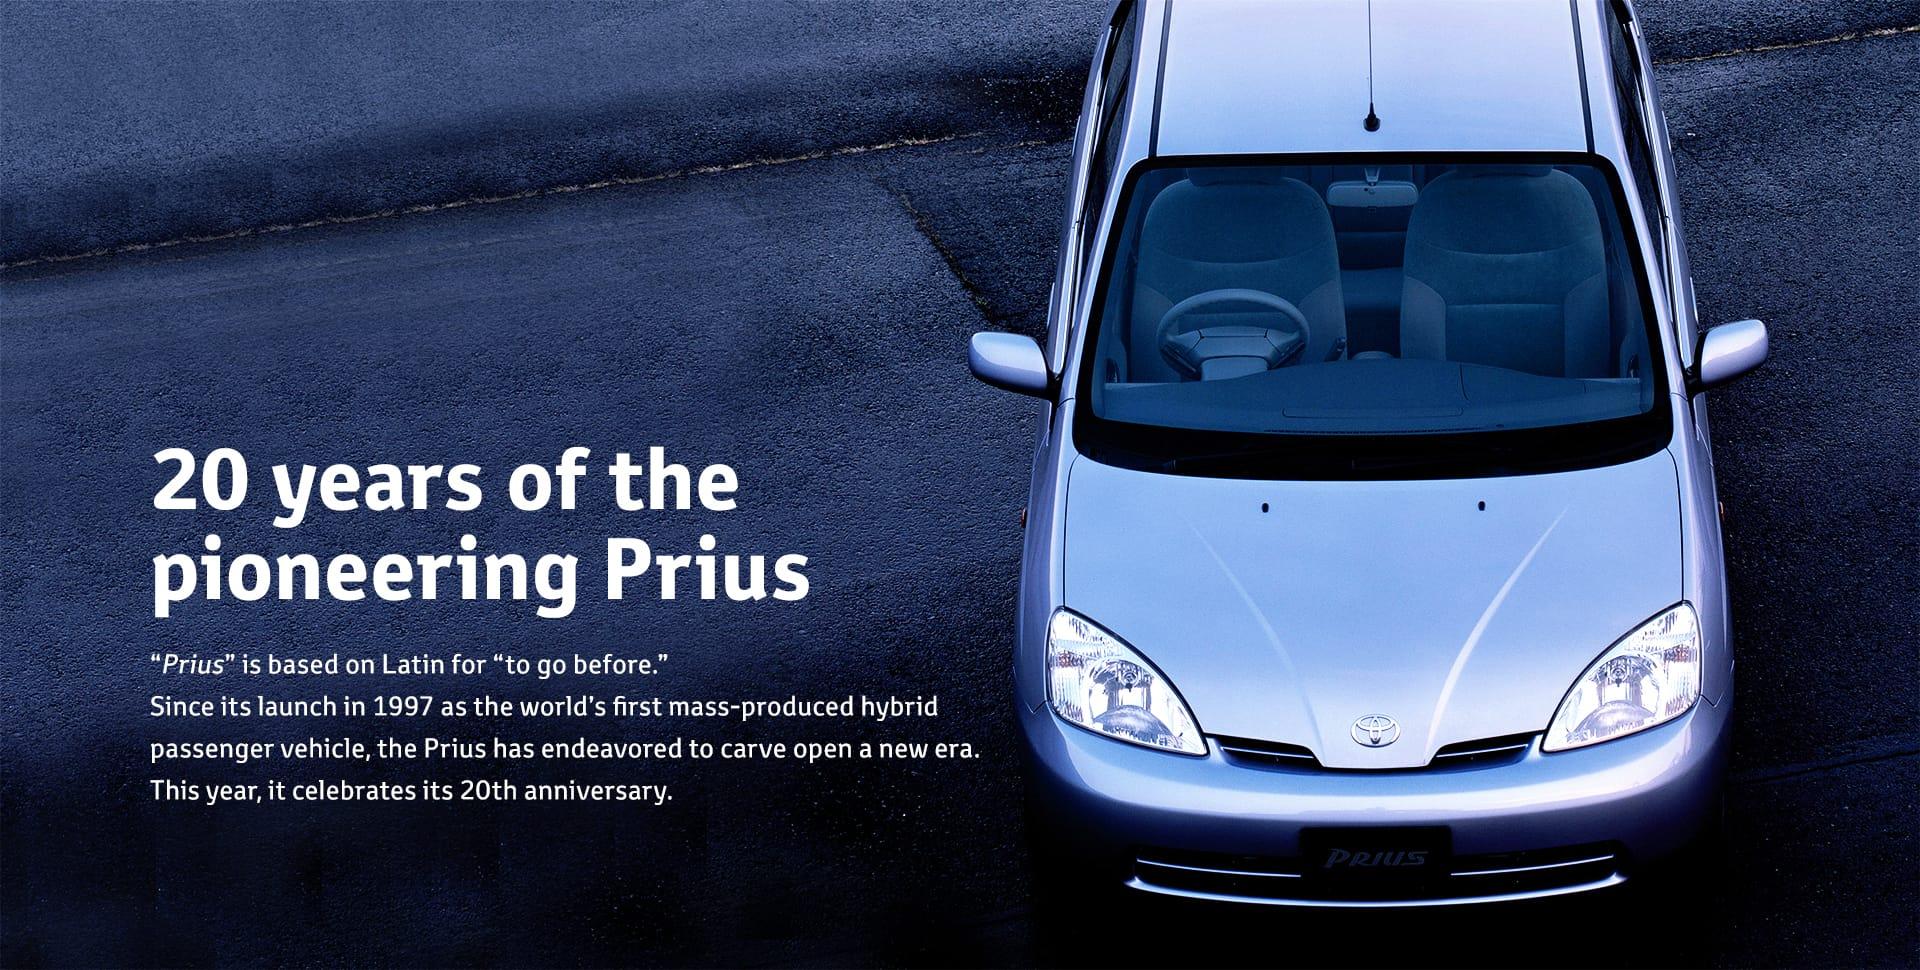 20 years of the pioneering Prius   TOYOTA Global Newsroom